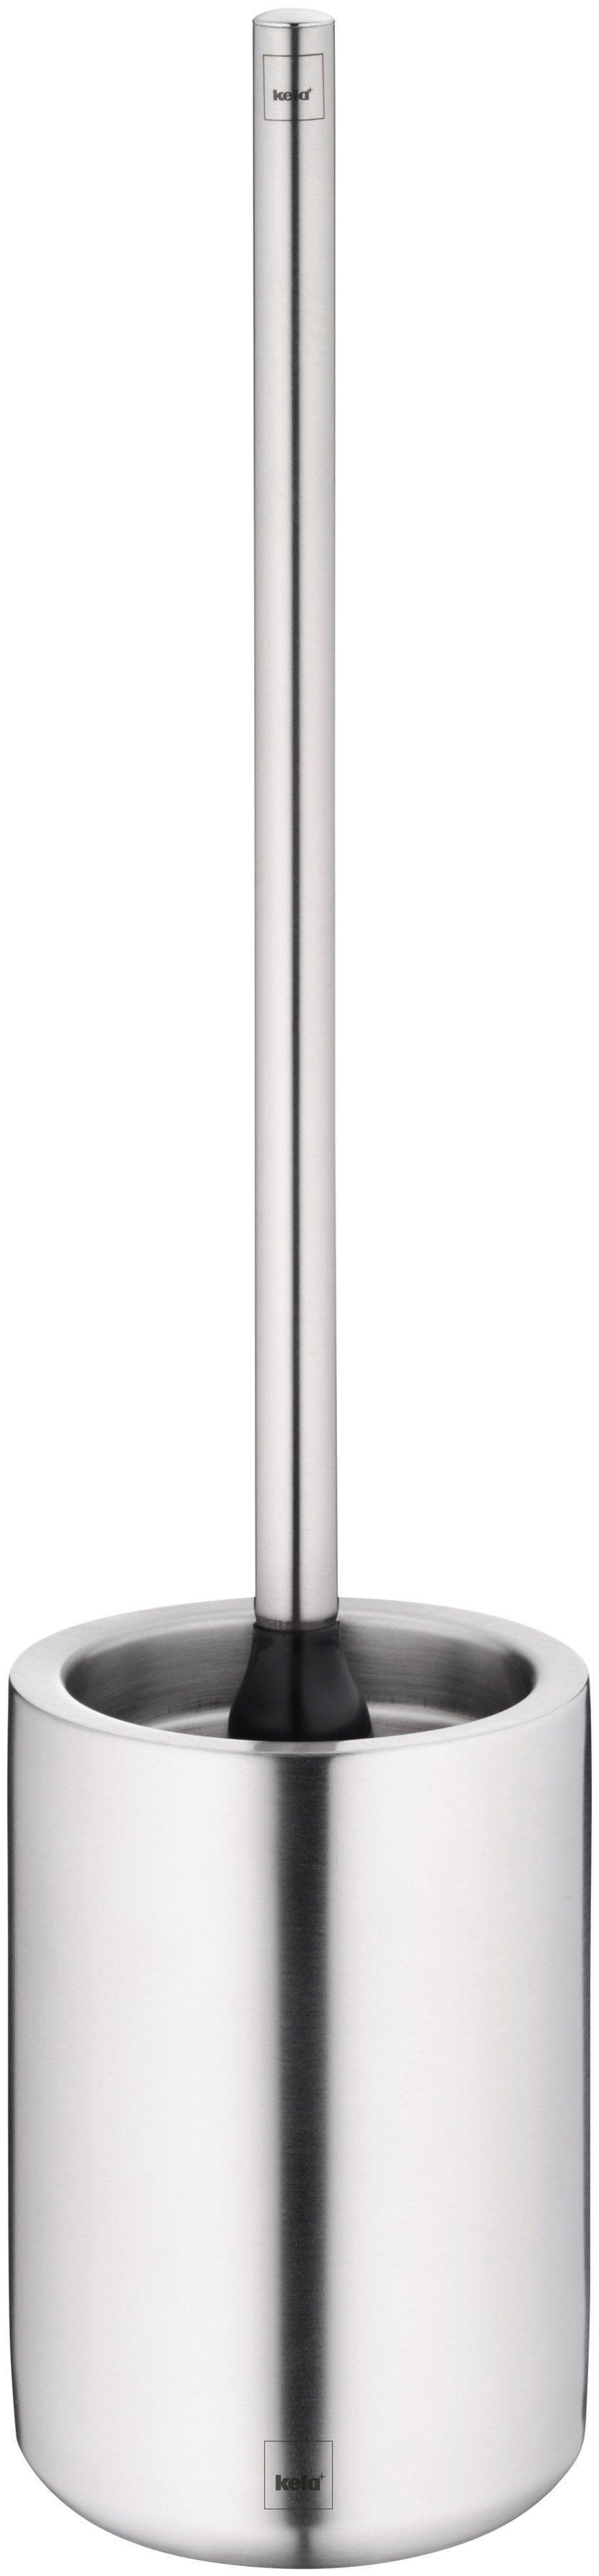 KELA WC-Garnitur »Gabrio«, Edelstahl 18/10 matt, Höhe 47 cm, Ø 11 cm